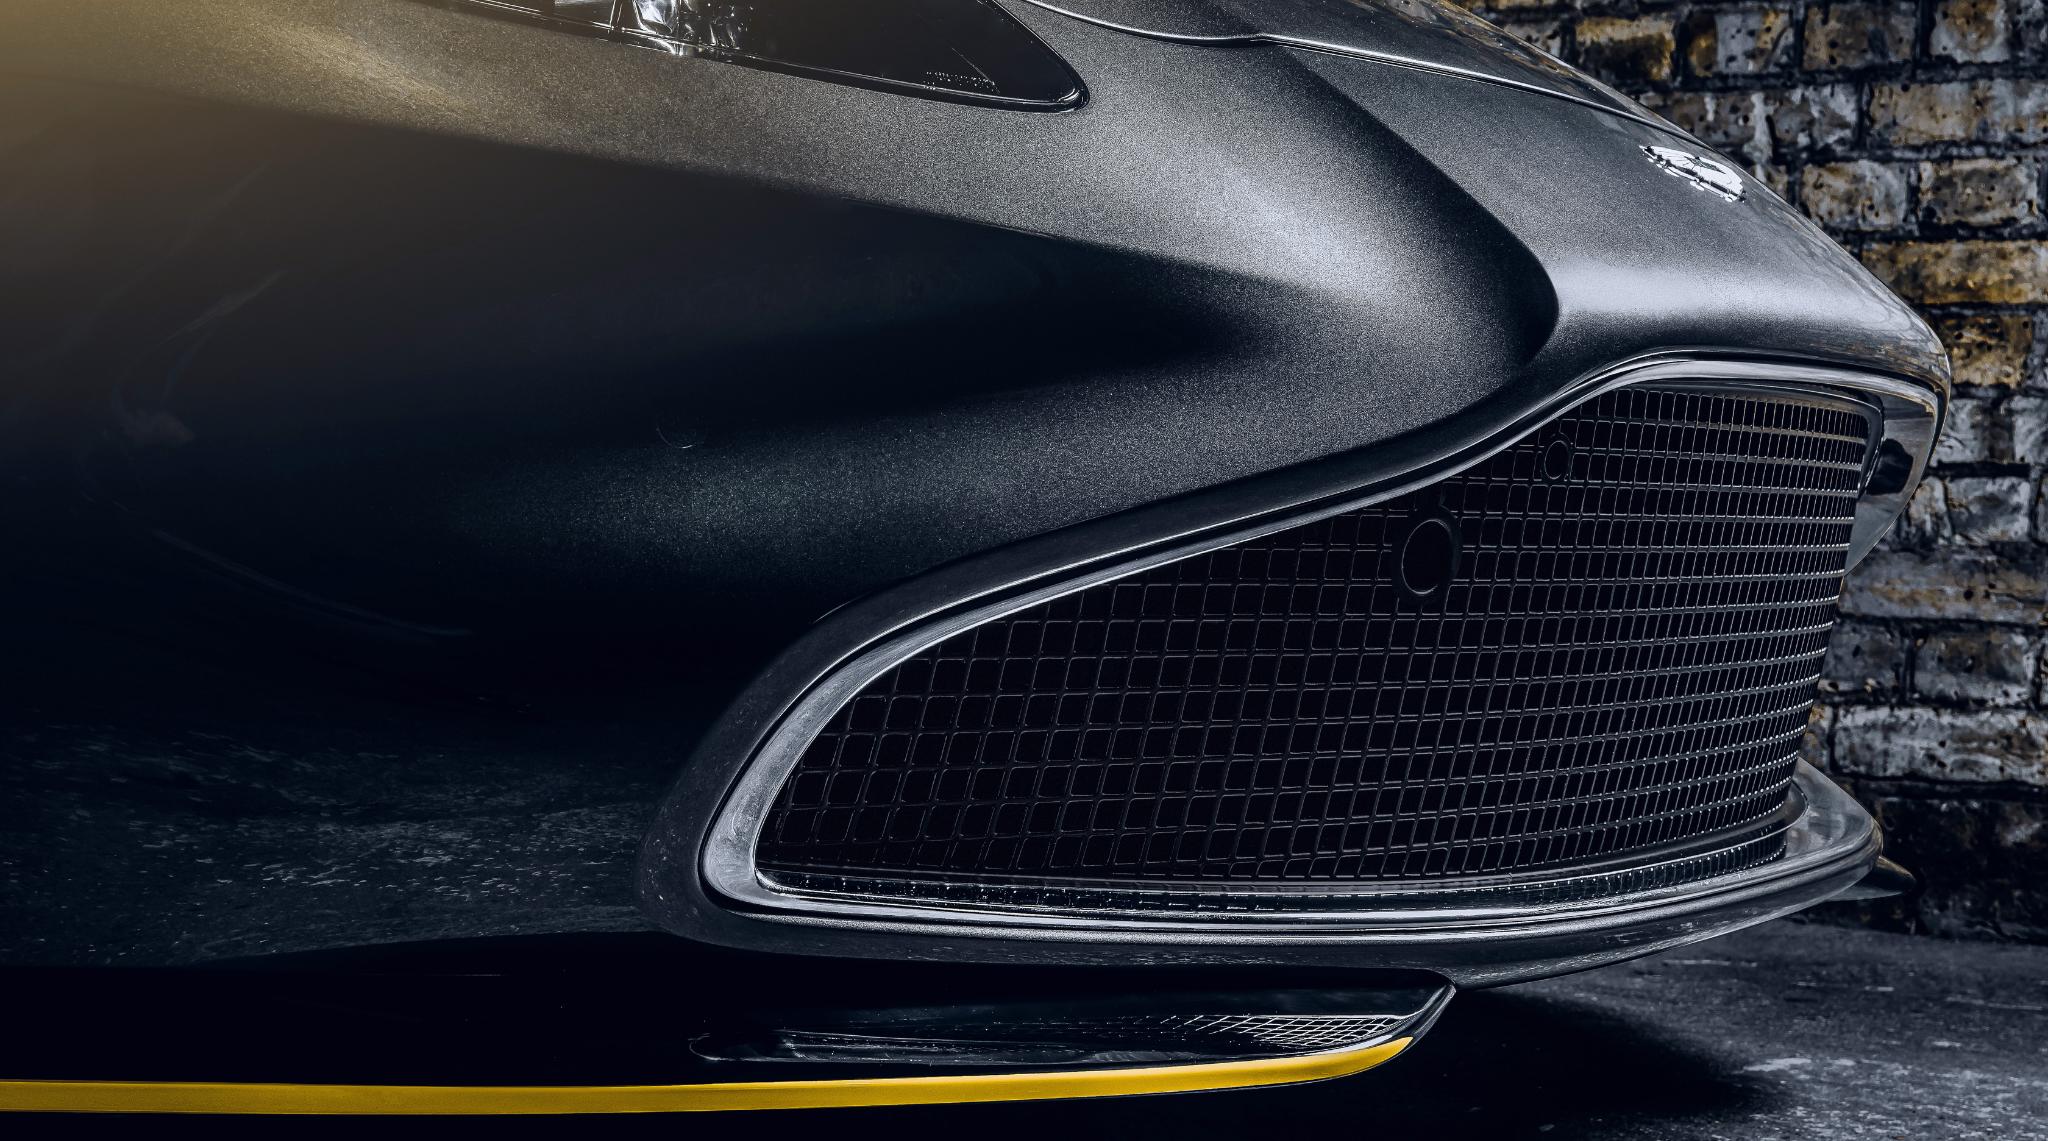 Aston Martin Vantage 007 Edition Grille